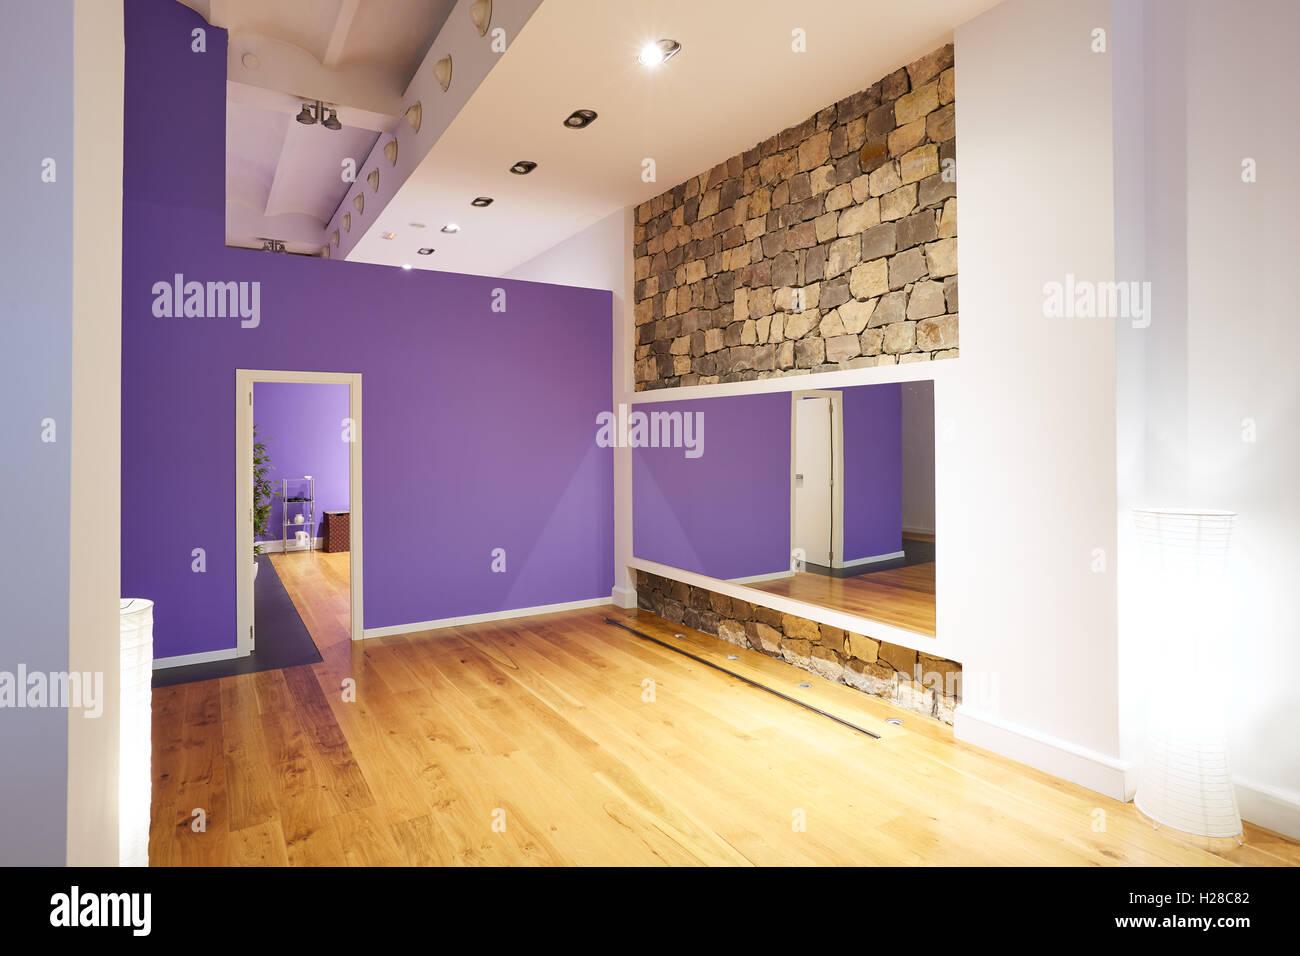 Spiegel Fitnessraum fitness studio indoor mit holzboden spiegel und stein wand stockfoto